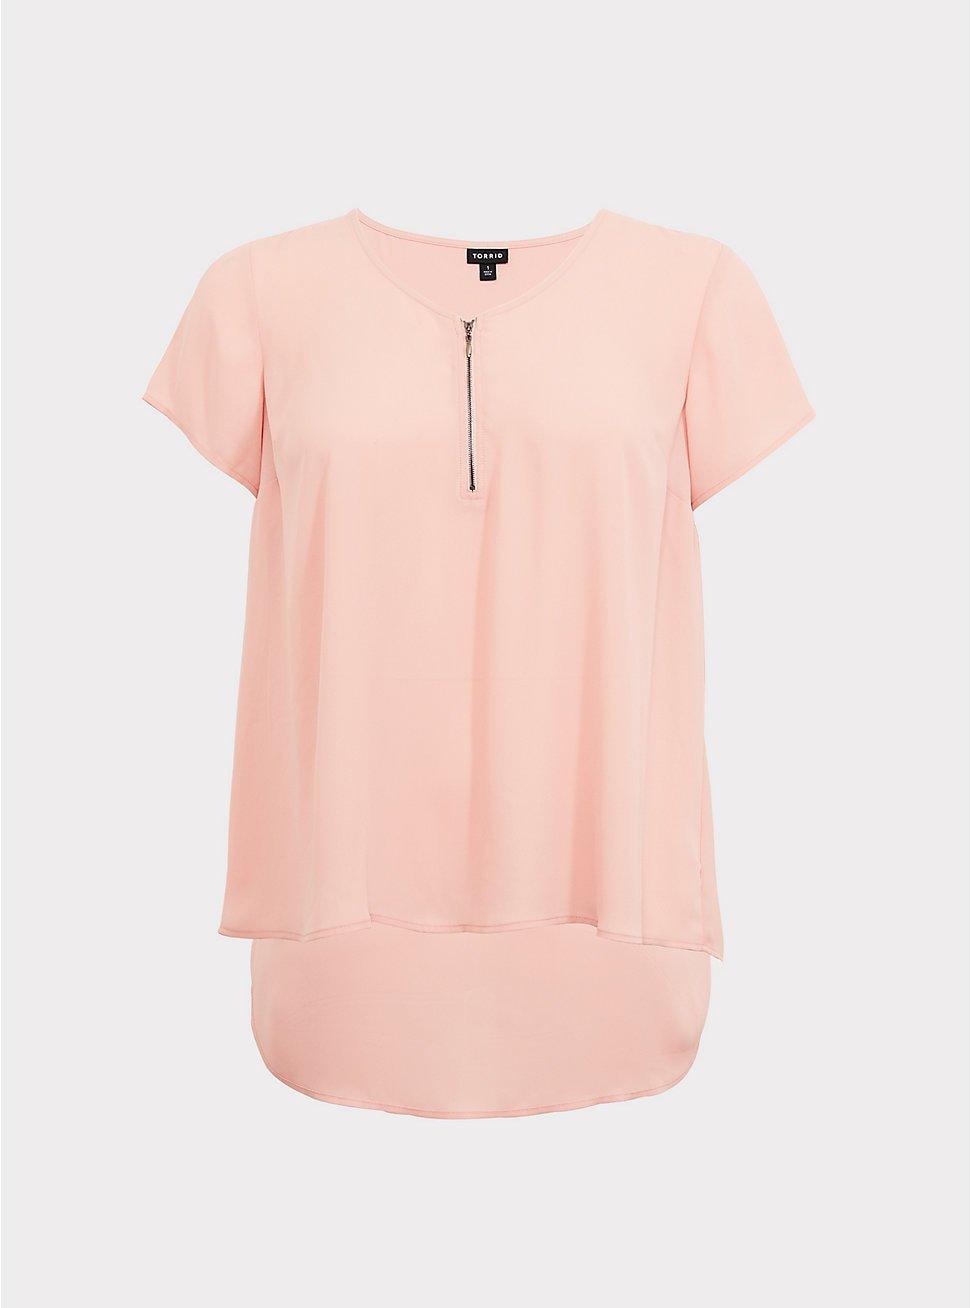 Blush Pink Zip Georgette Blouse | Torrid